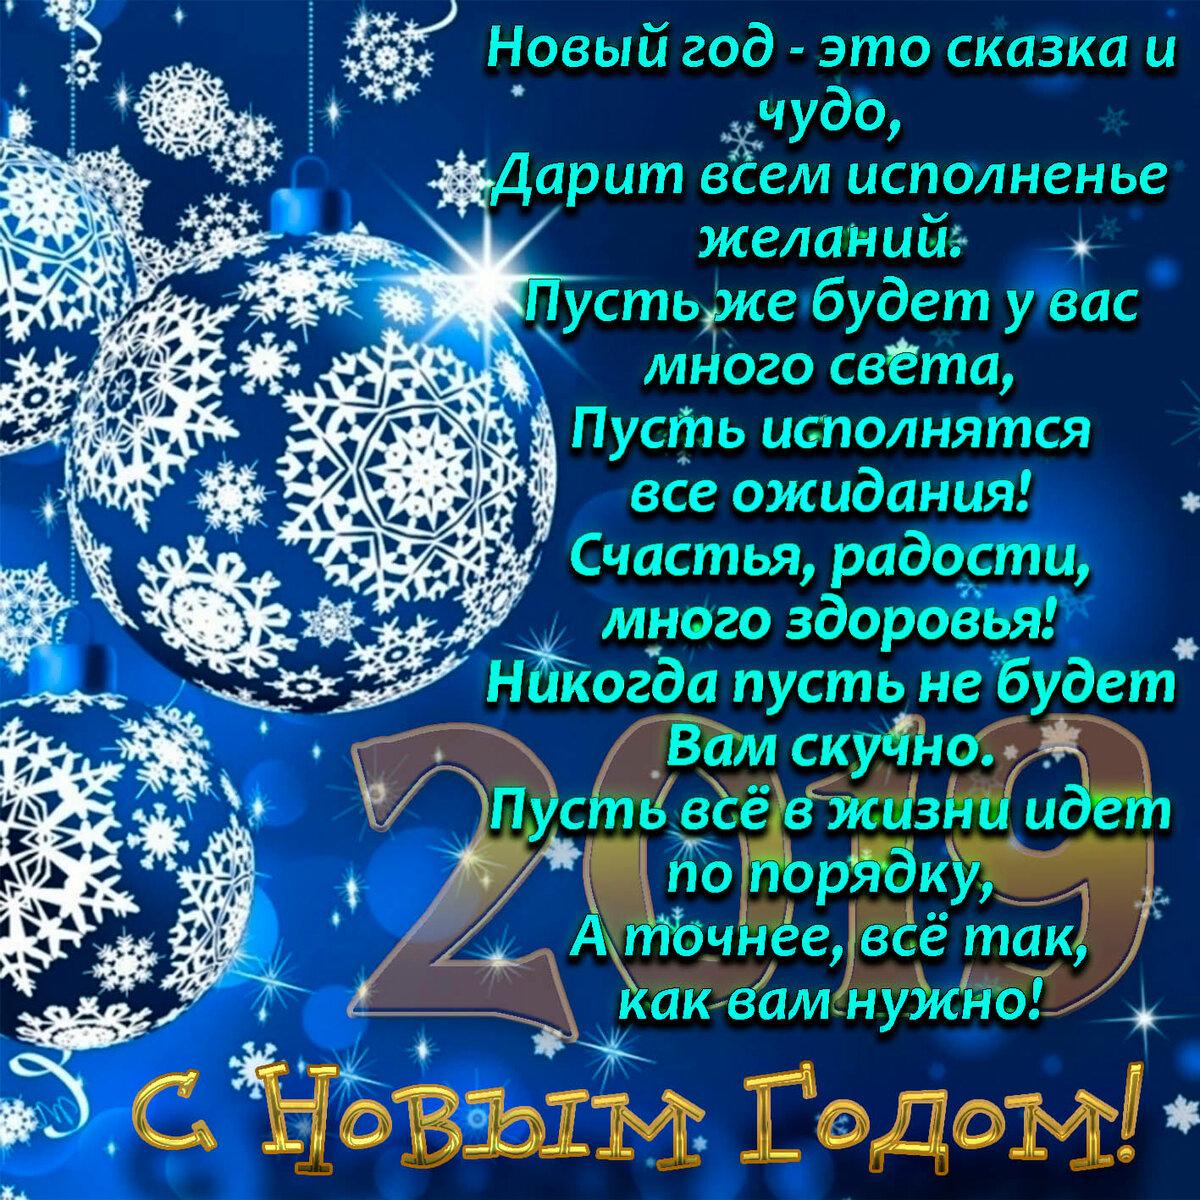 Поздравления с новым годом для в контакте